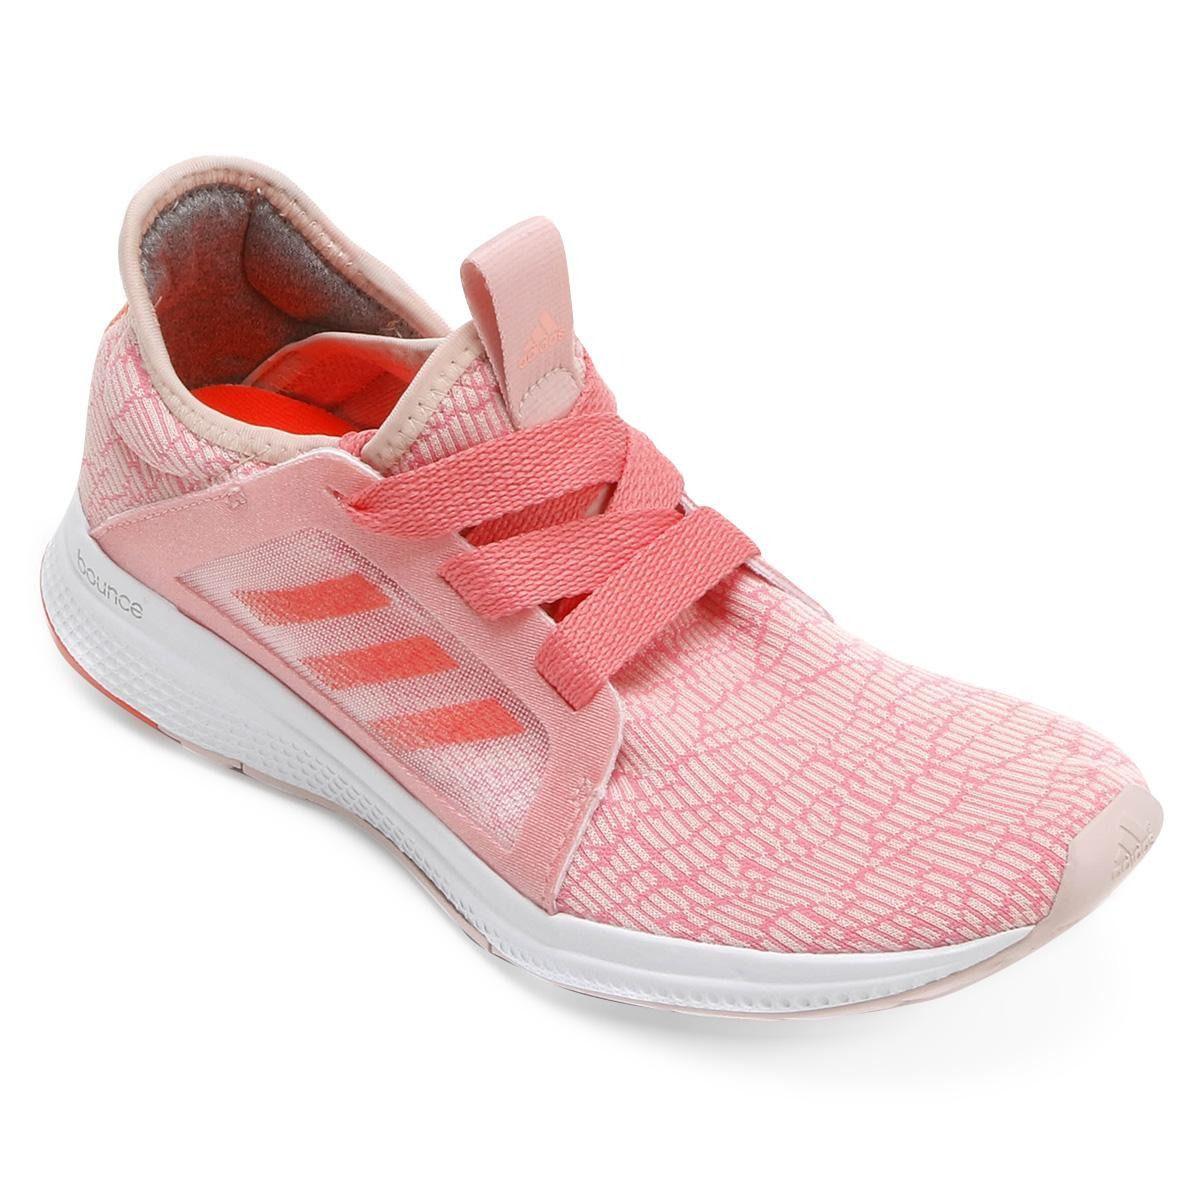 Tênis Feminino Adidas Edge Luxel Corrida